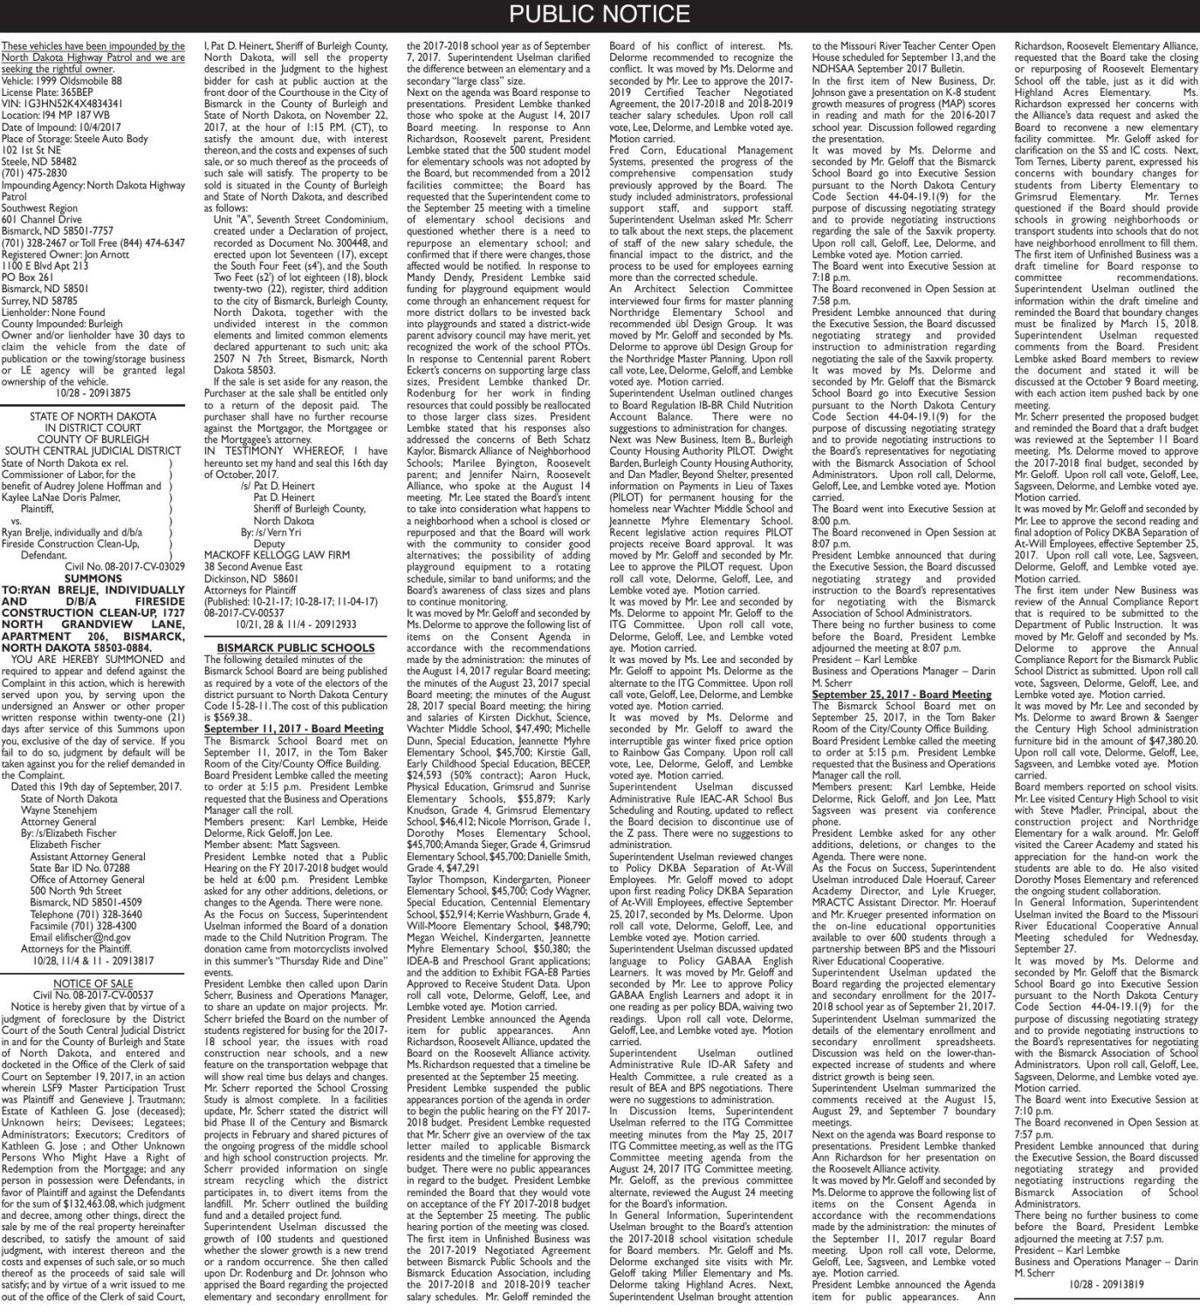 Legals - October 28, 2017